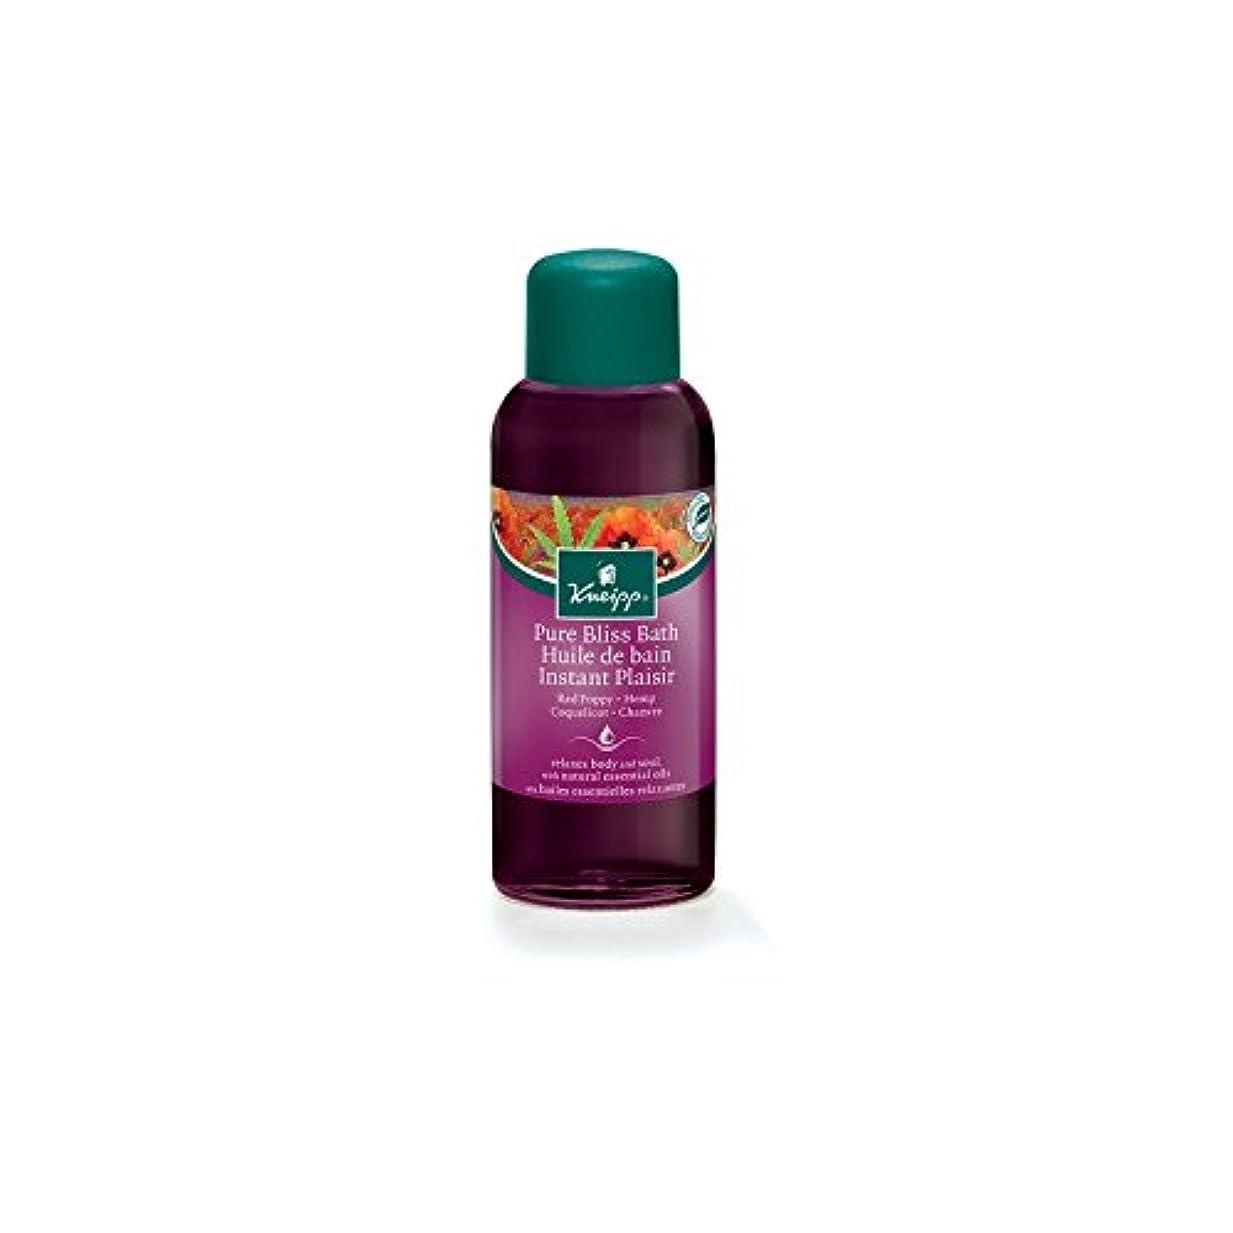 経験すずめ考古学的なKneipp Pure Bliss Herbal Red Poppy and Hemp Bath Oil (100ml) - クナイプ純粋な至福ハーブの赤いケシと麻バスオイル(100ミリリットル) [並行輸入品]